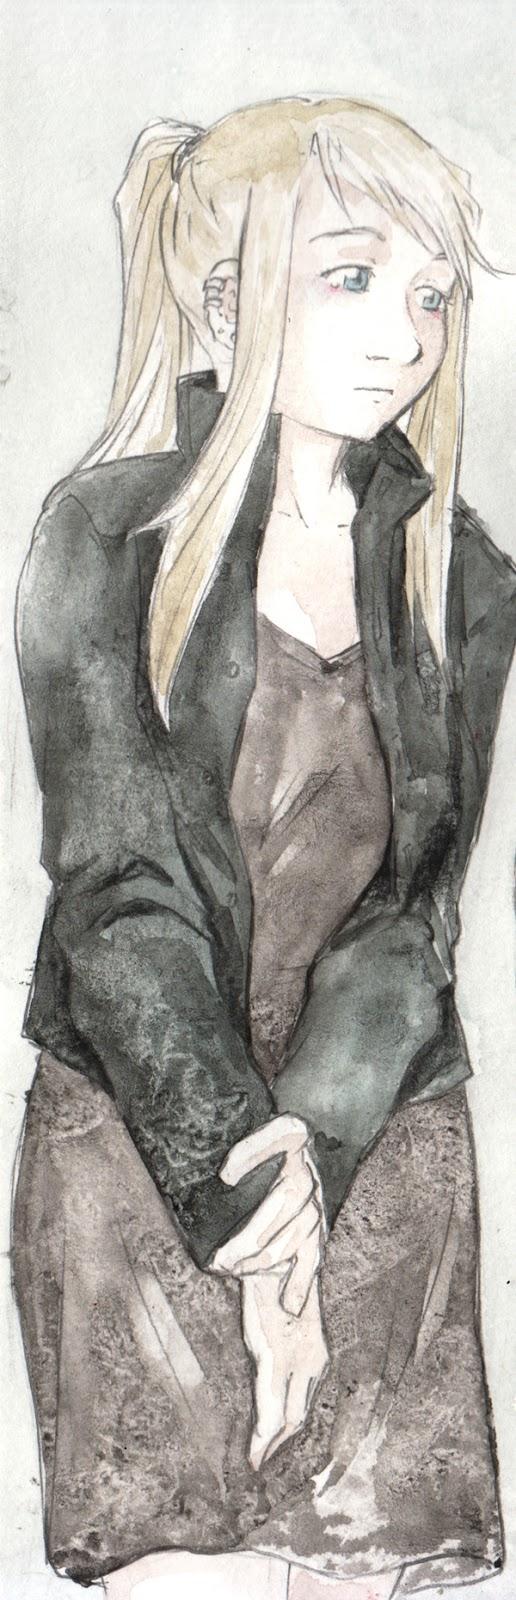 Winry aux funérailles - fanart FMA - bras de fer, gant de velours